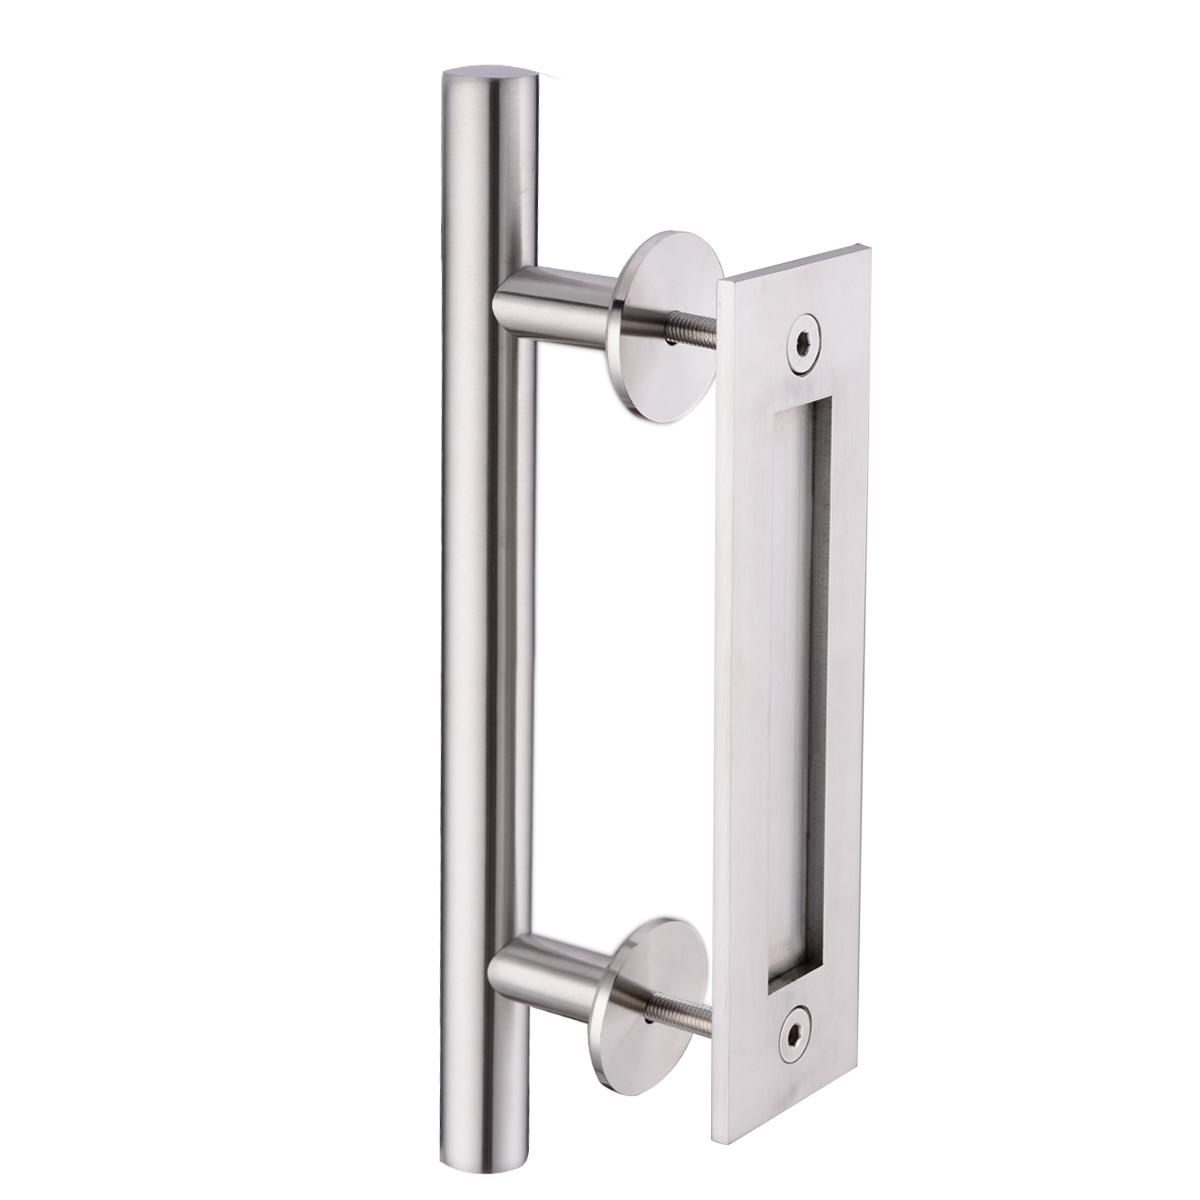 Decorating barn door handles pictures : Stainless Steel Sliding Barn Door Pull Handle Wood door bar handle ...